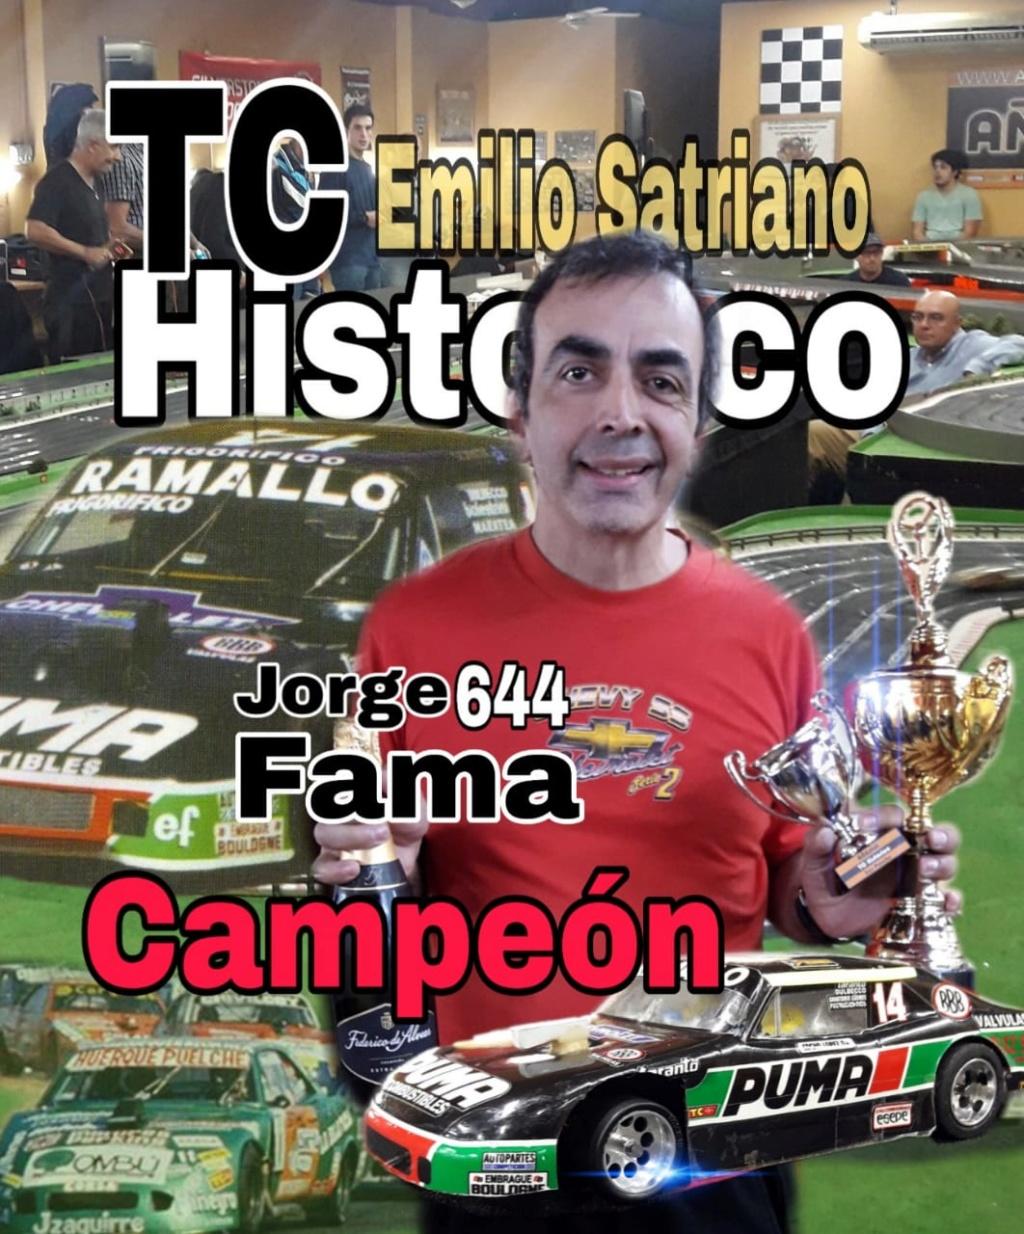 TC Histórico  Torneo Emilio Satriano ▬ 5° Ronda ▬ V. TÉCNICA ▬ CLASIFICACIÓN OFICIAL ▬ FOTOS Img-2196